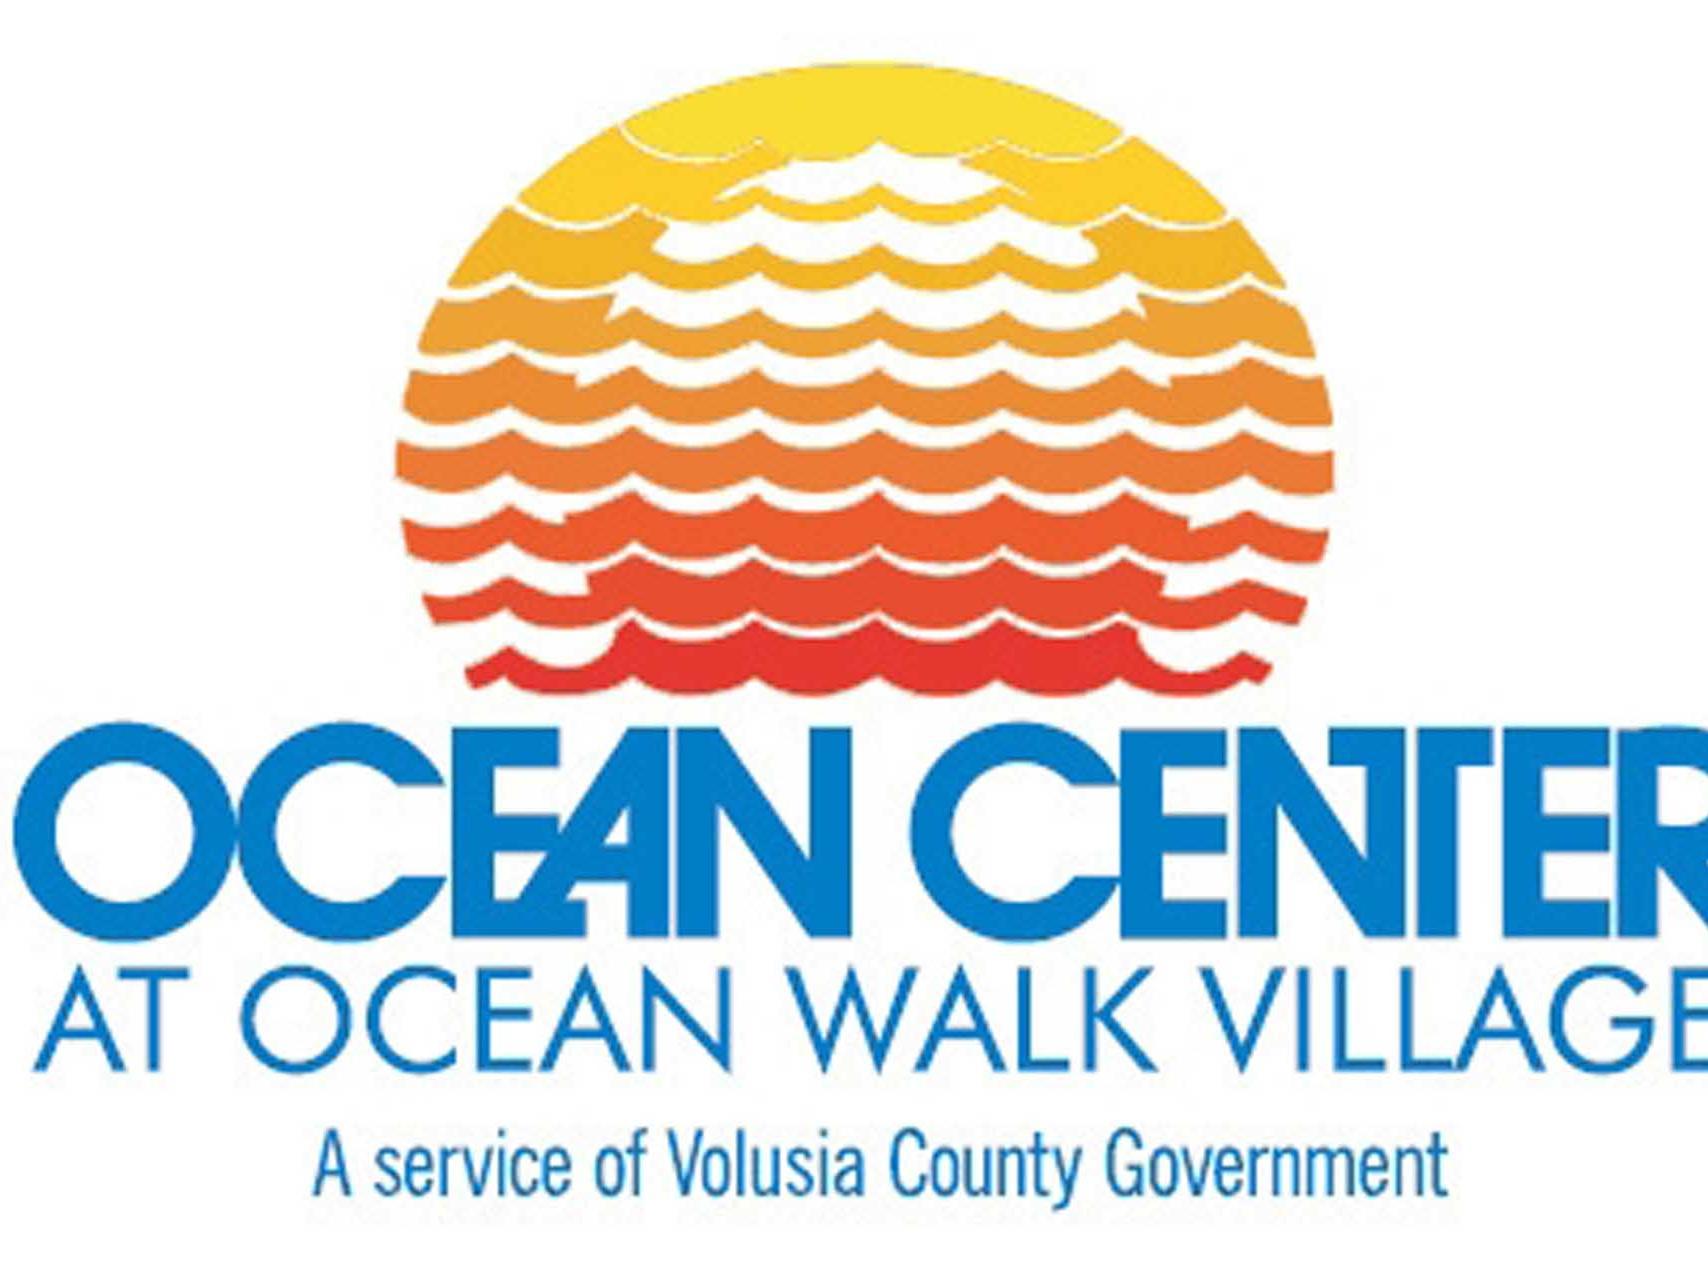 ocean center at ocean walk village logo